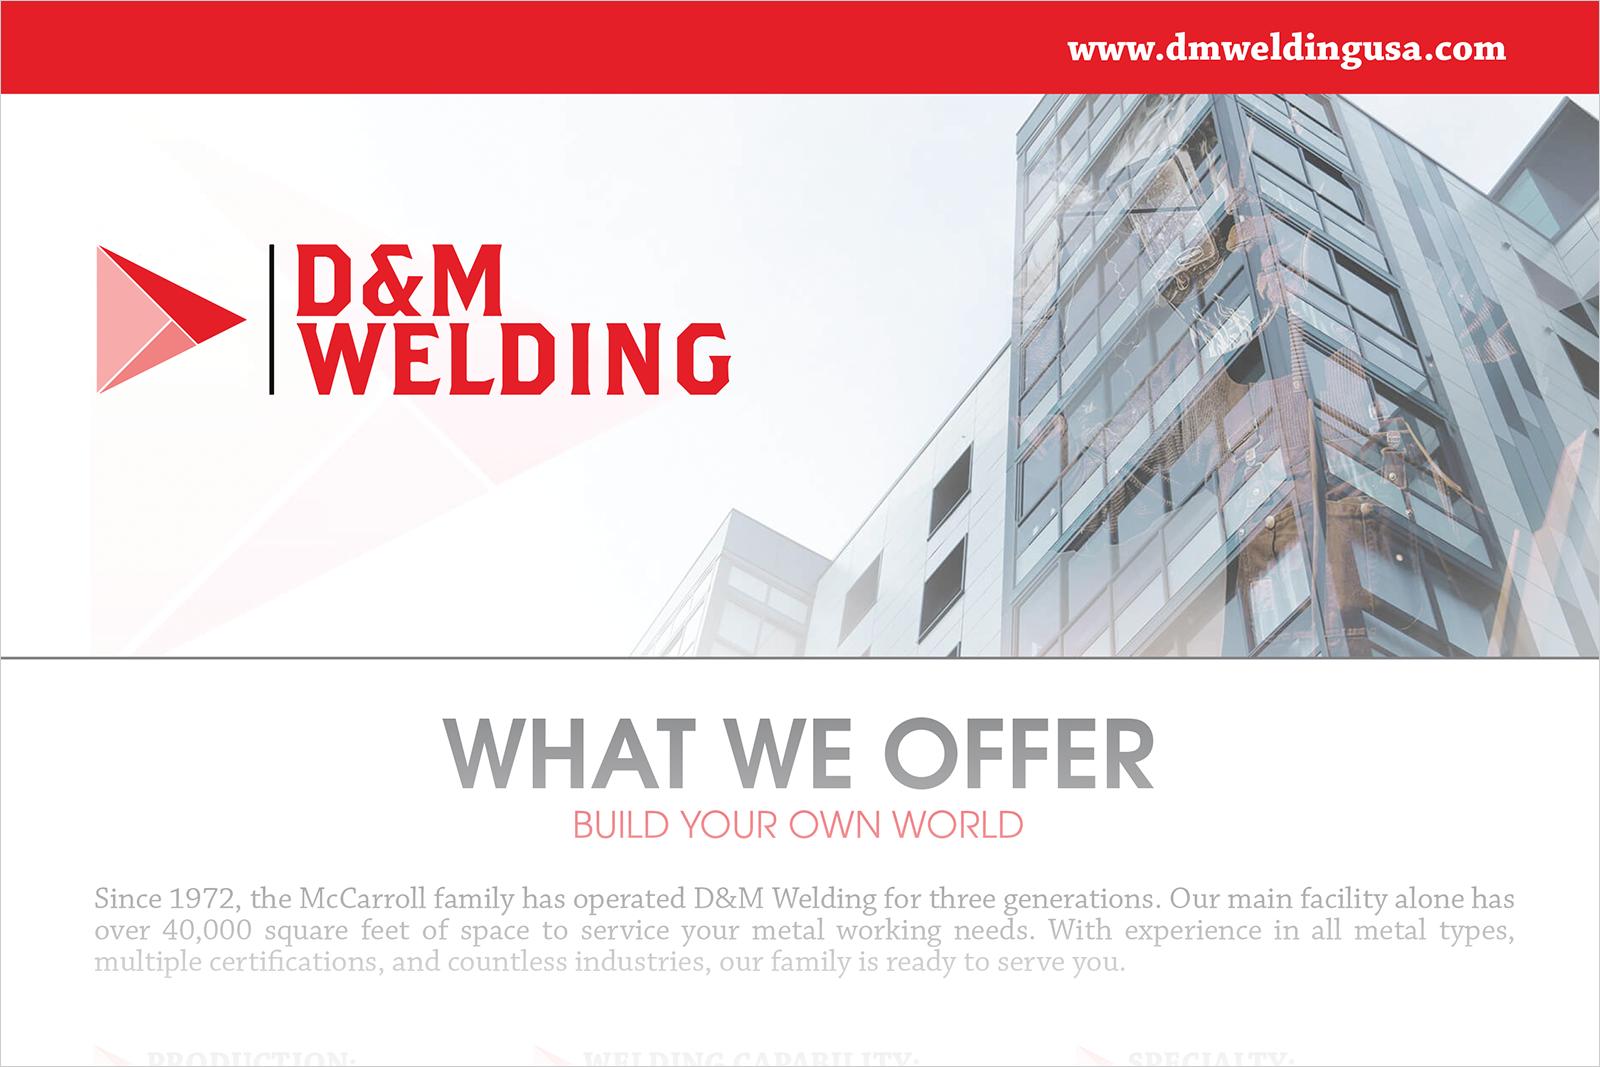 D&M Welding